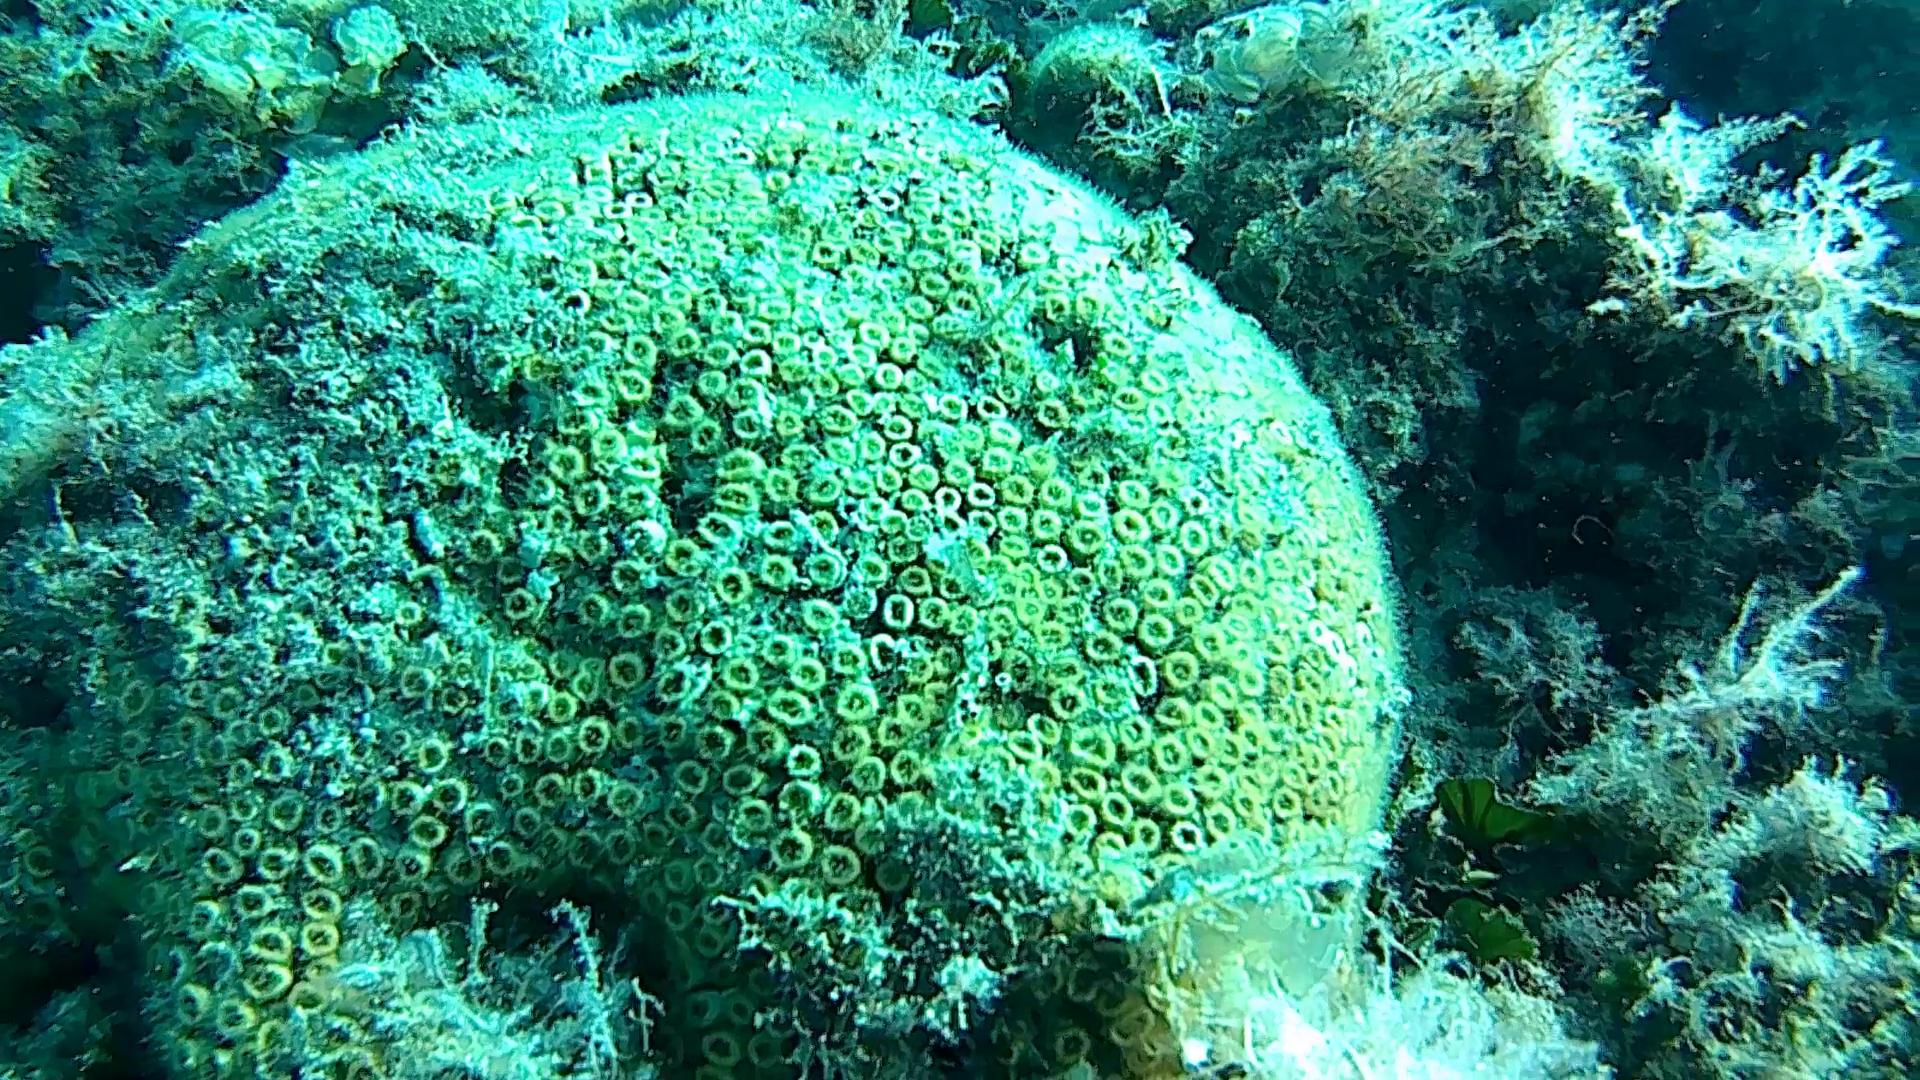 Cladocora caespitosa Cushion Coral intotheblue.it